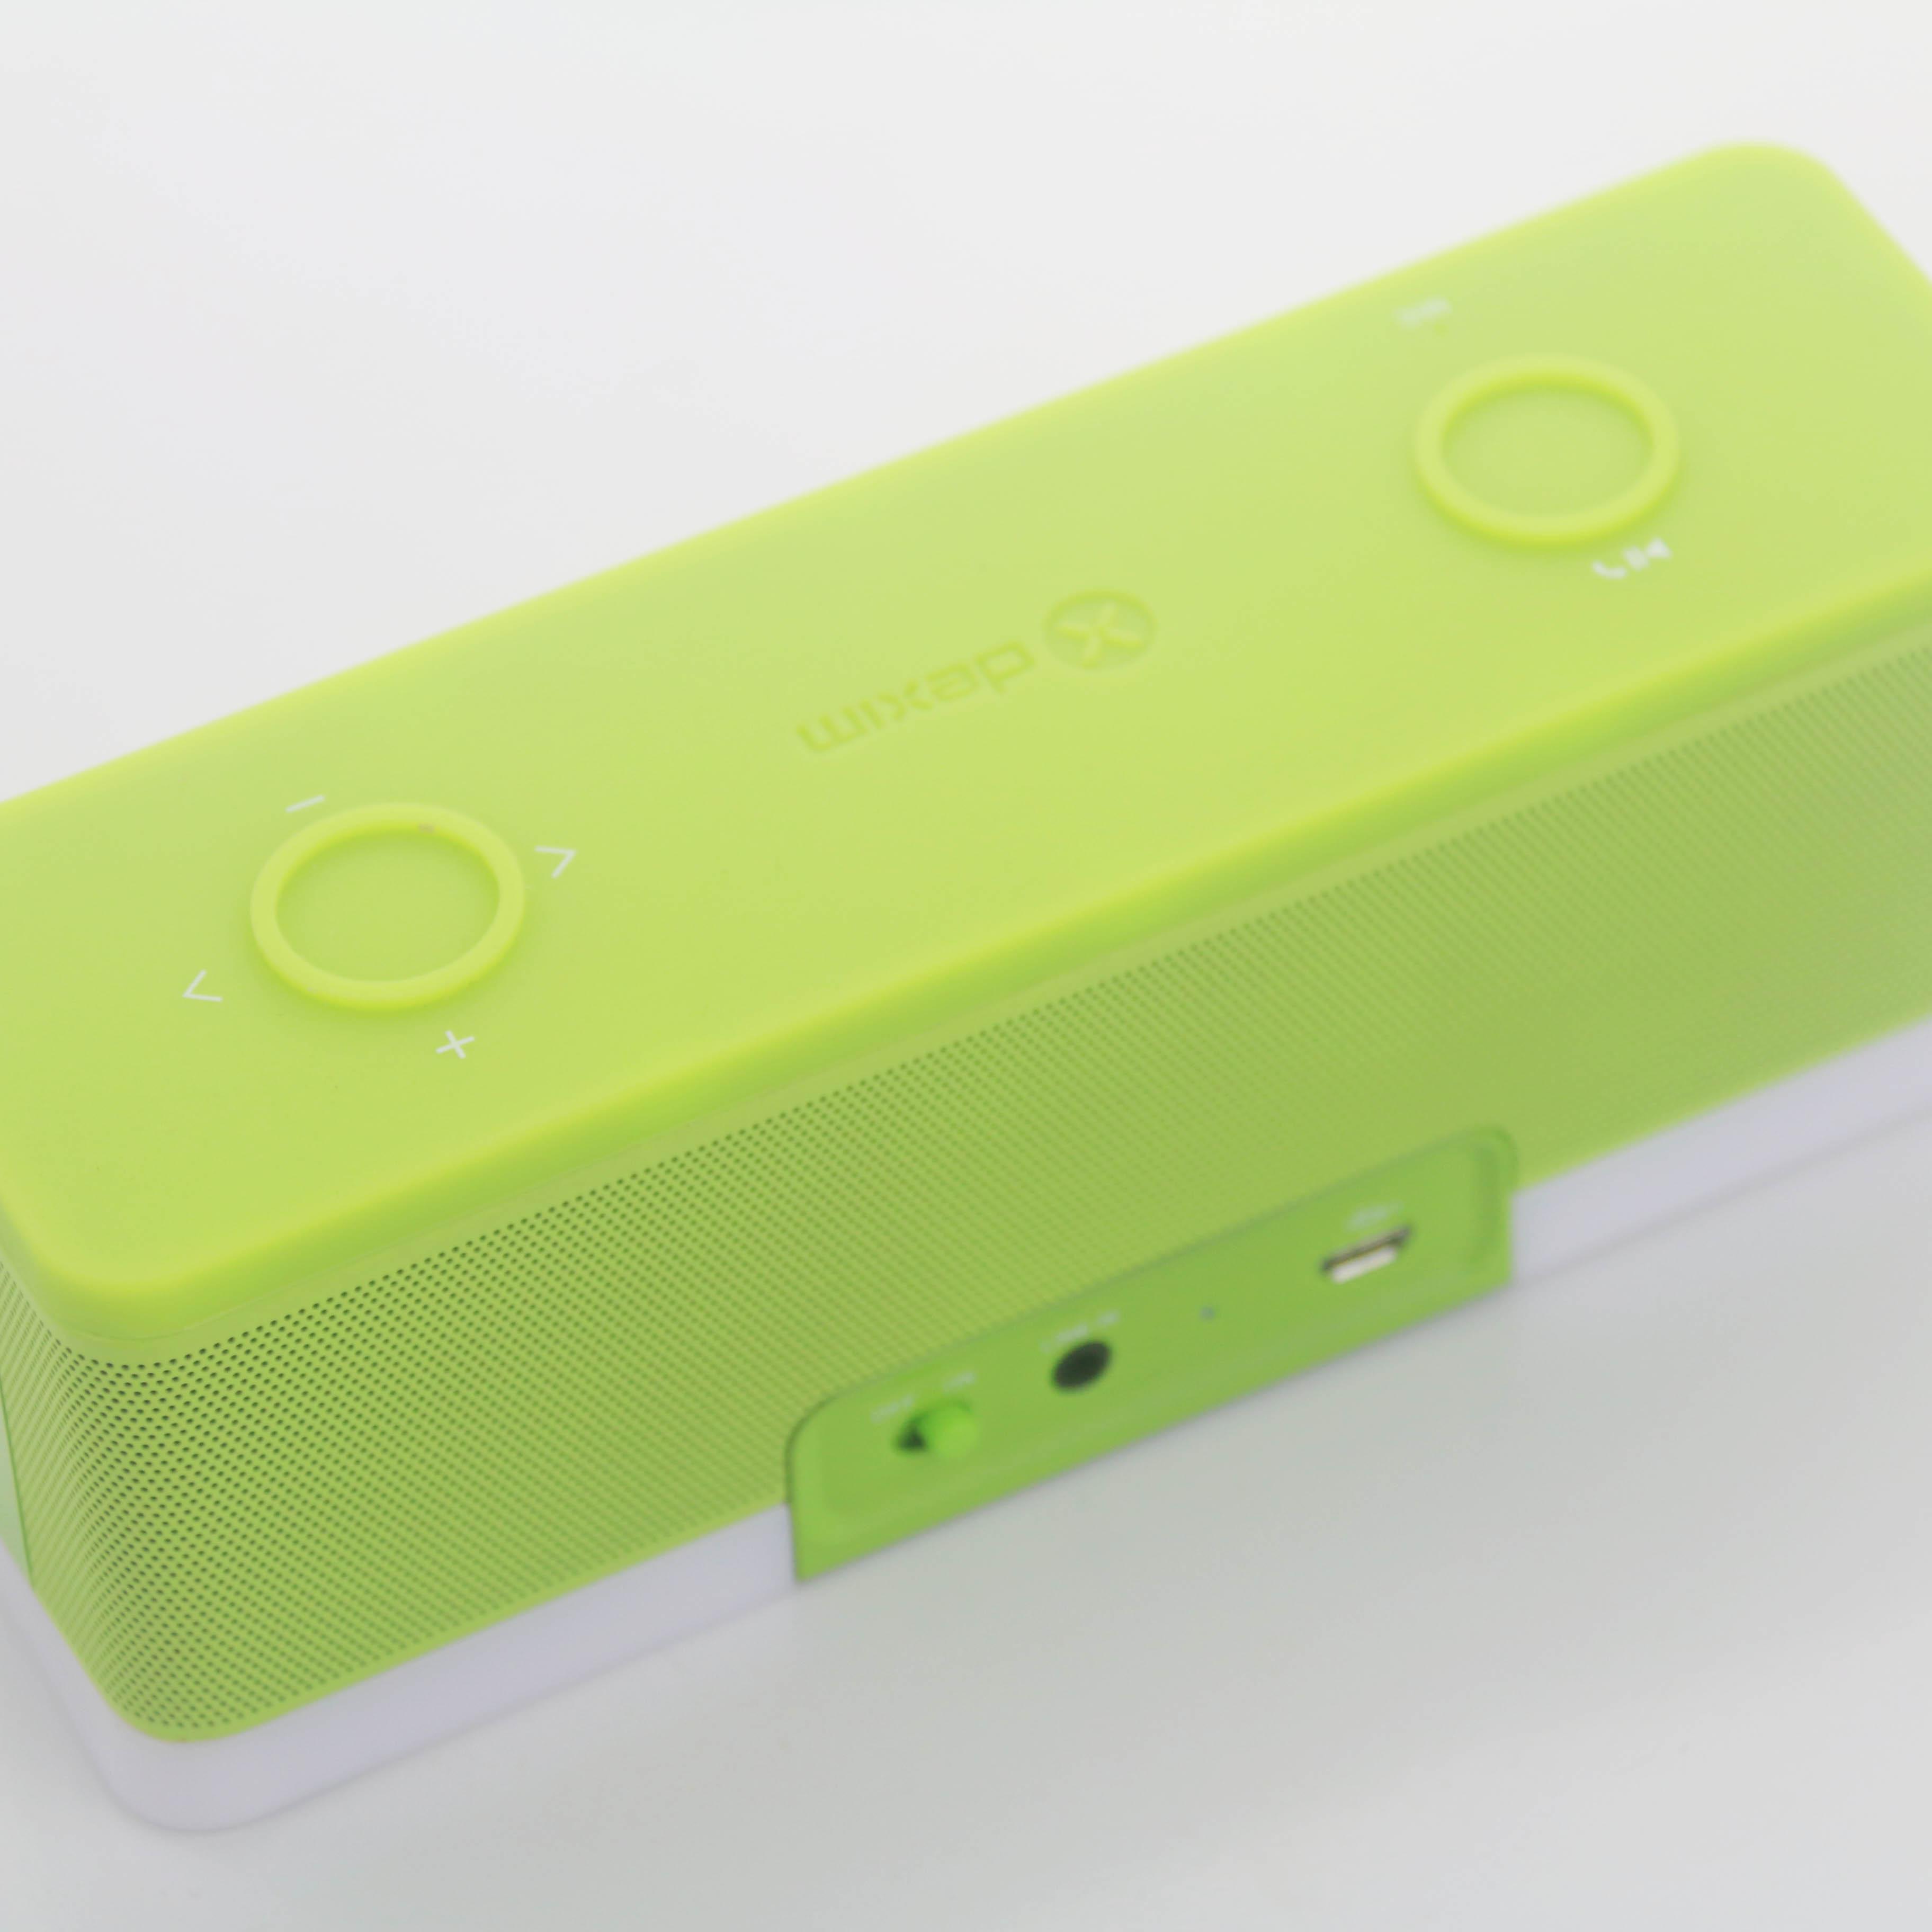 蓝牙音箱ltk8002d功放电路图